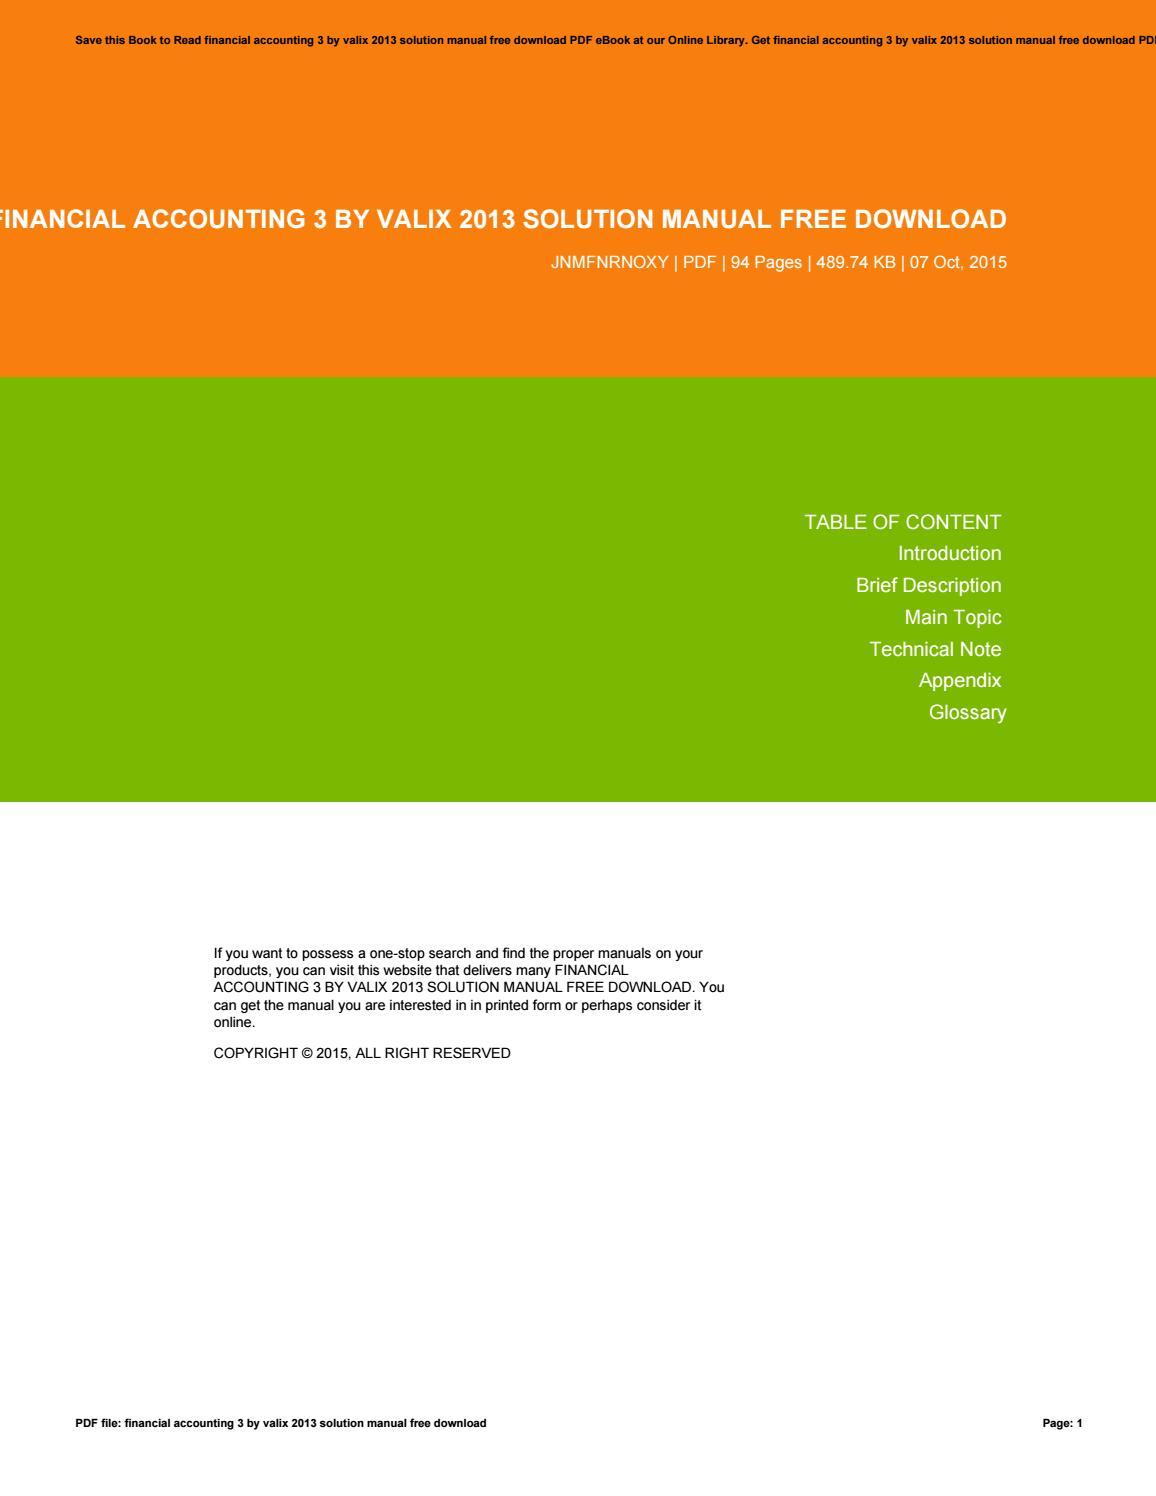 Financial accounting 3 by valix 2013 solution manual free download by  kiklas76balik - issuu